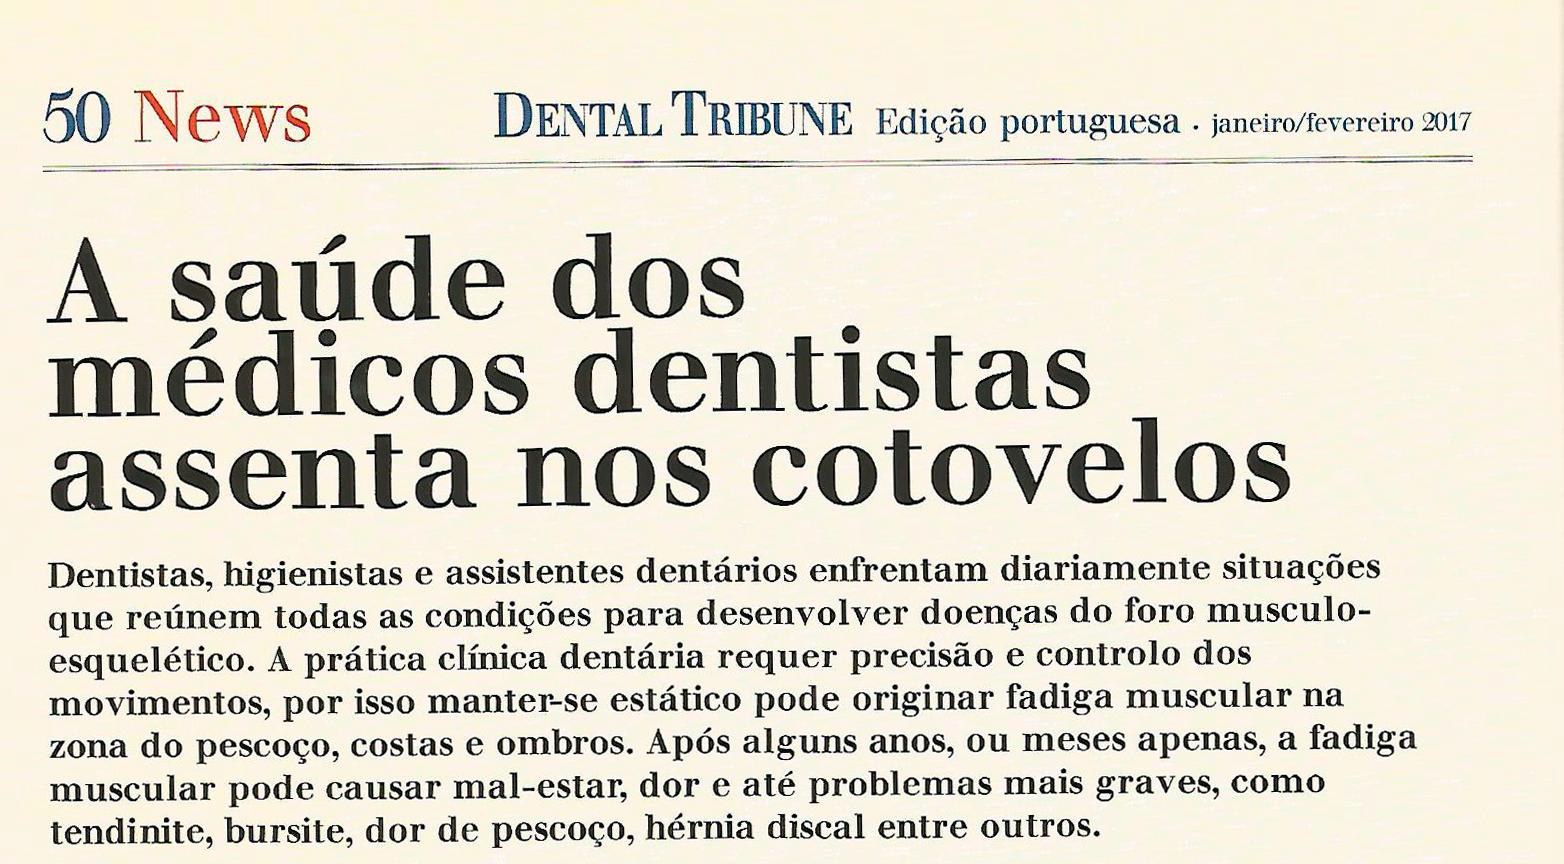 SB Smiles bogue - A saude dos Dentistas